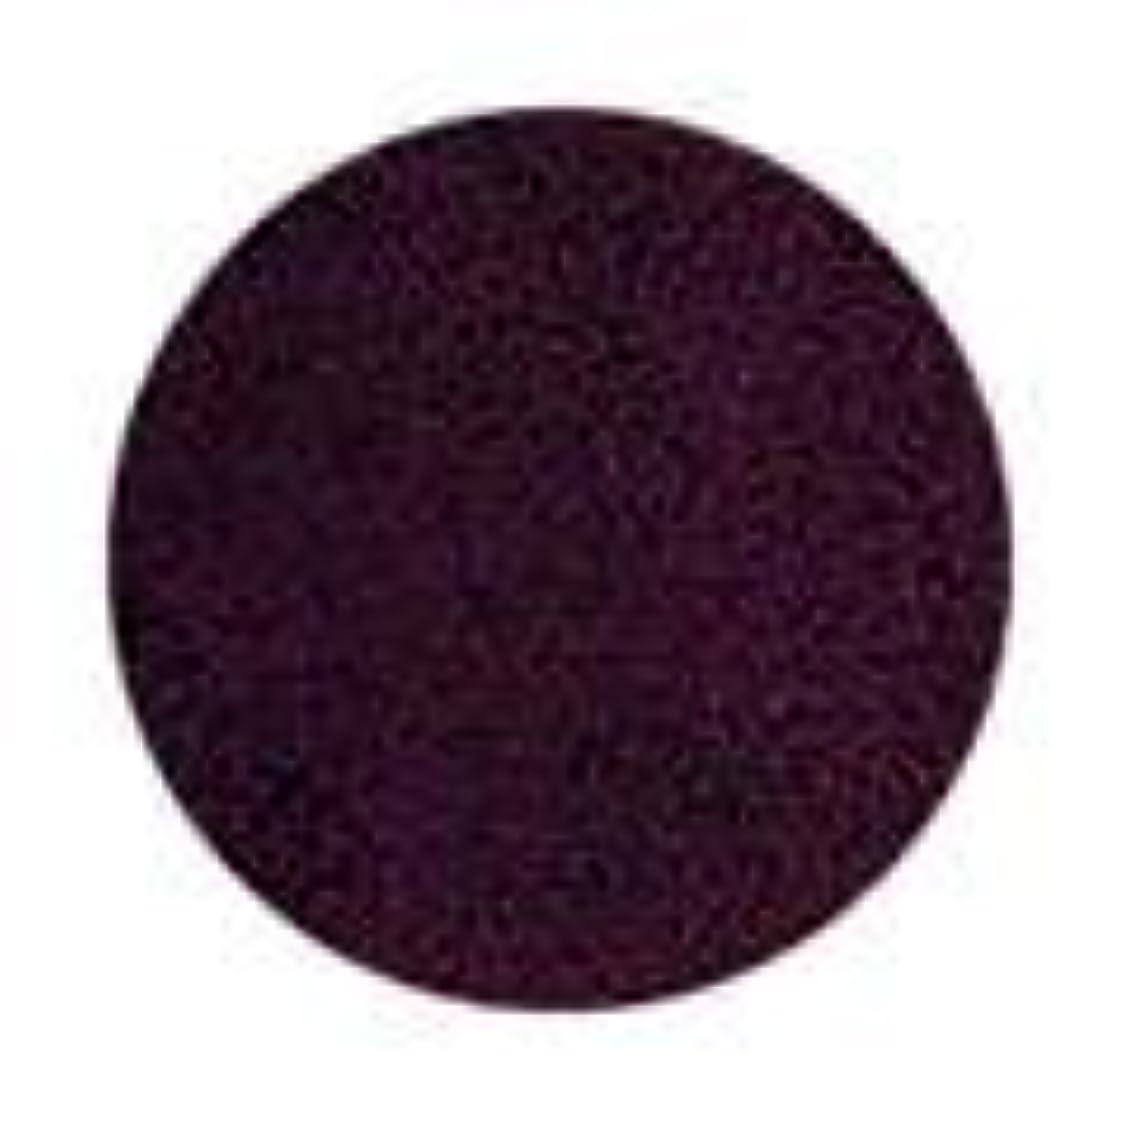 受け入れるエピソードアンデス山脈Jessica ジェレレーション カラー 15ml  708 ノトリアス